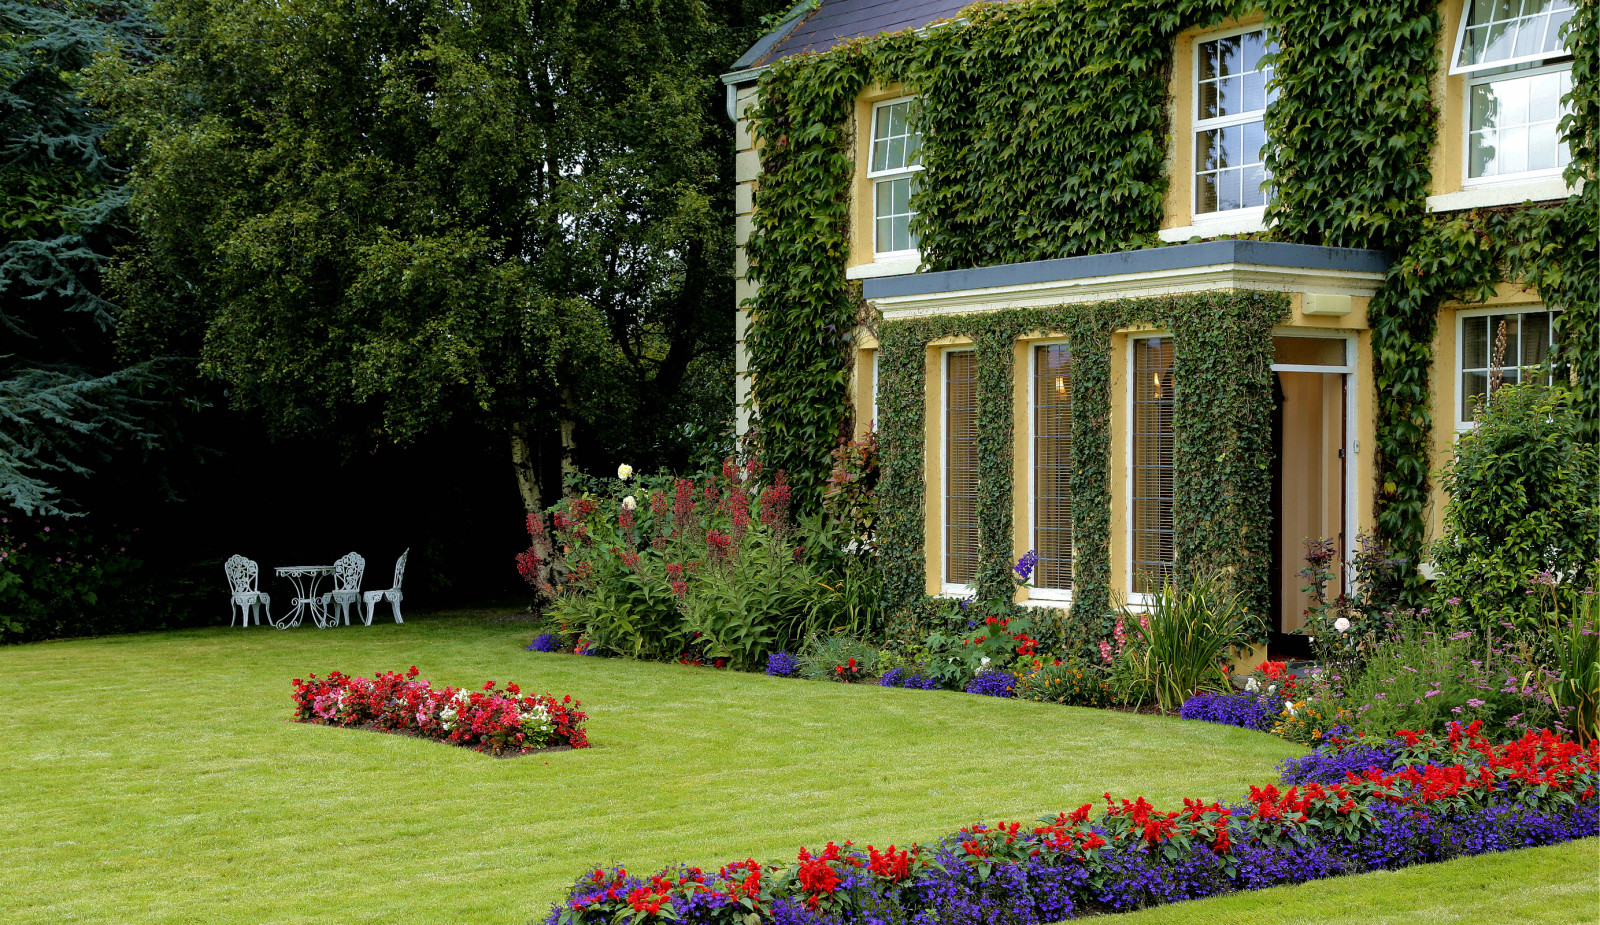 花墙 景观 墙 植物 1600_925